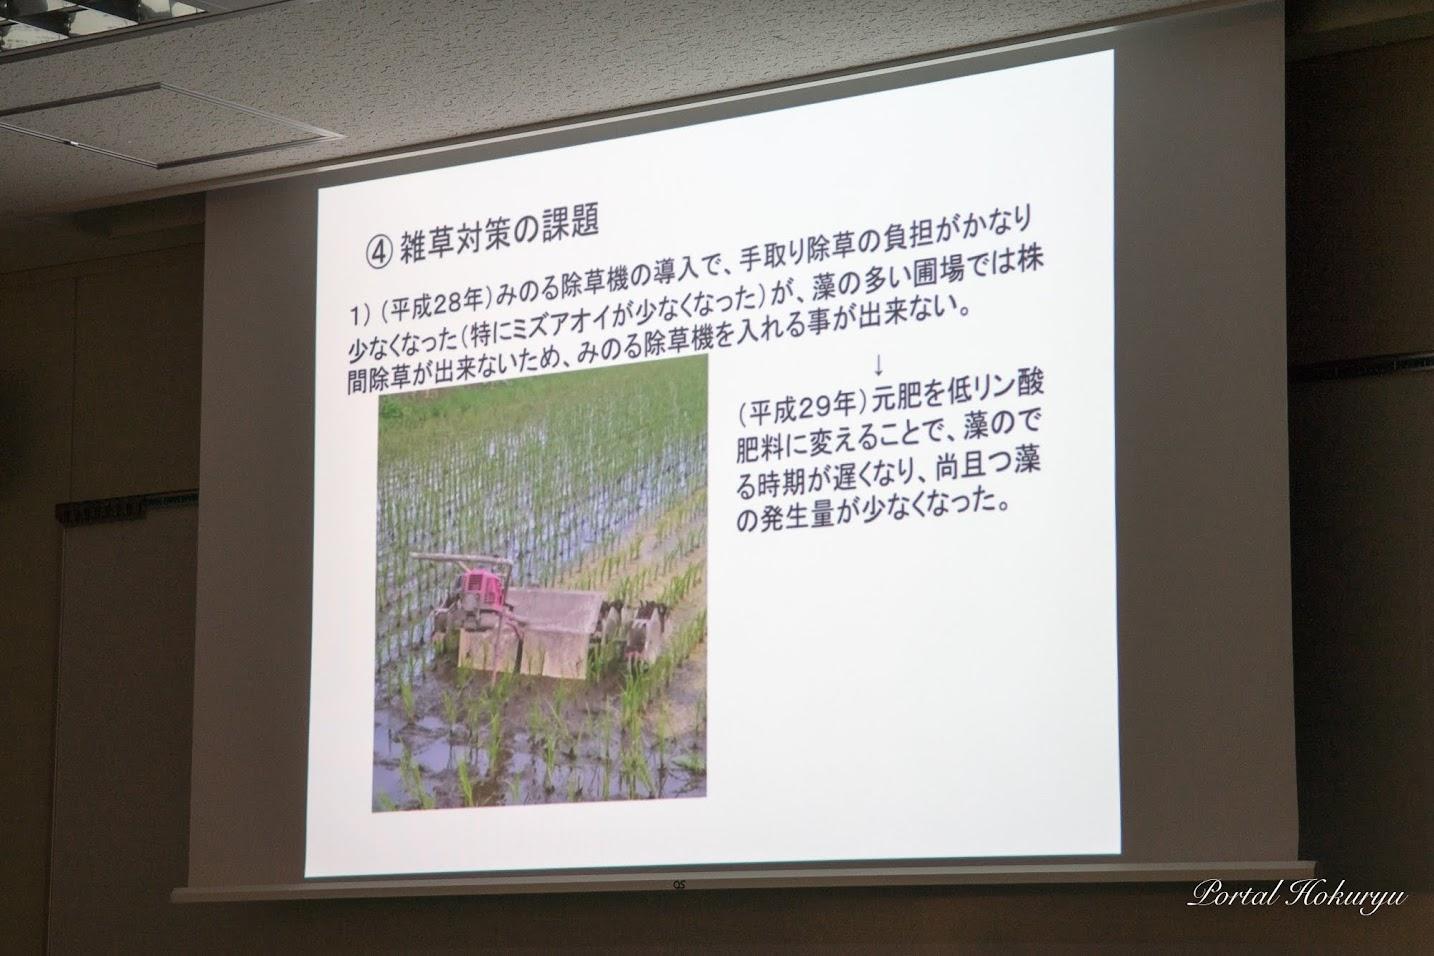 ④ 雑草対策の課題